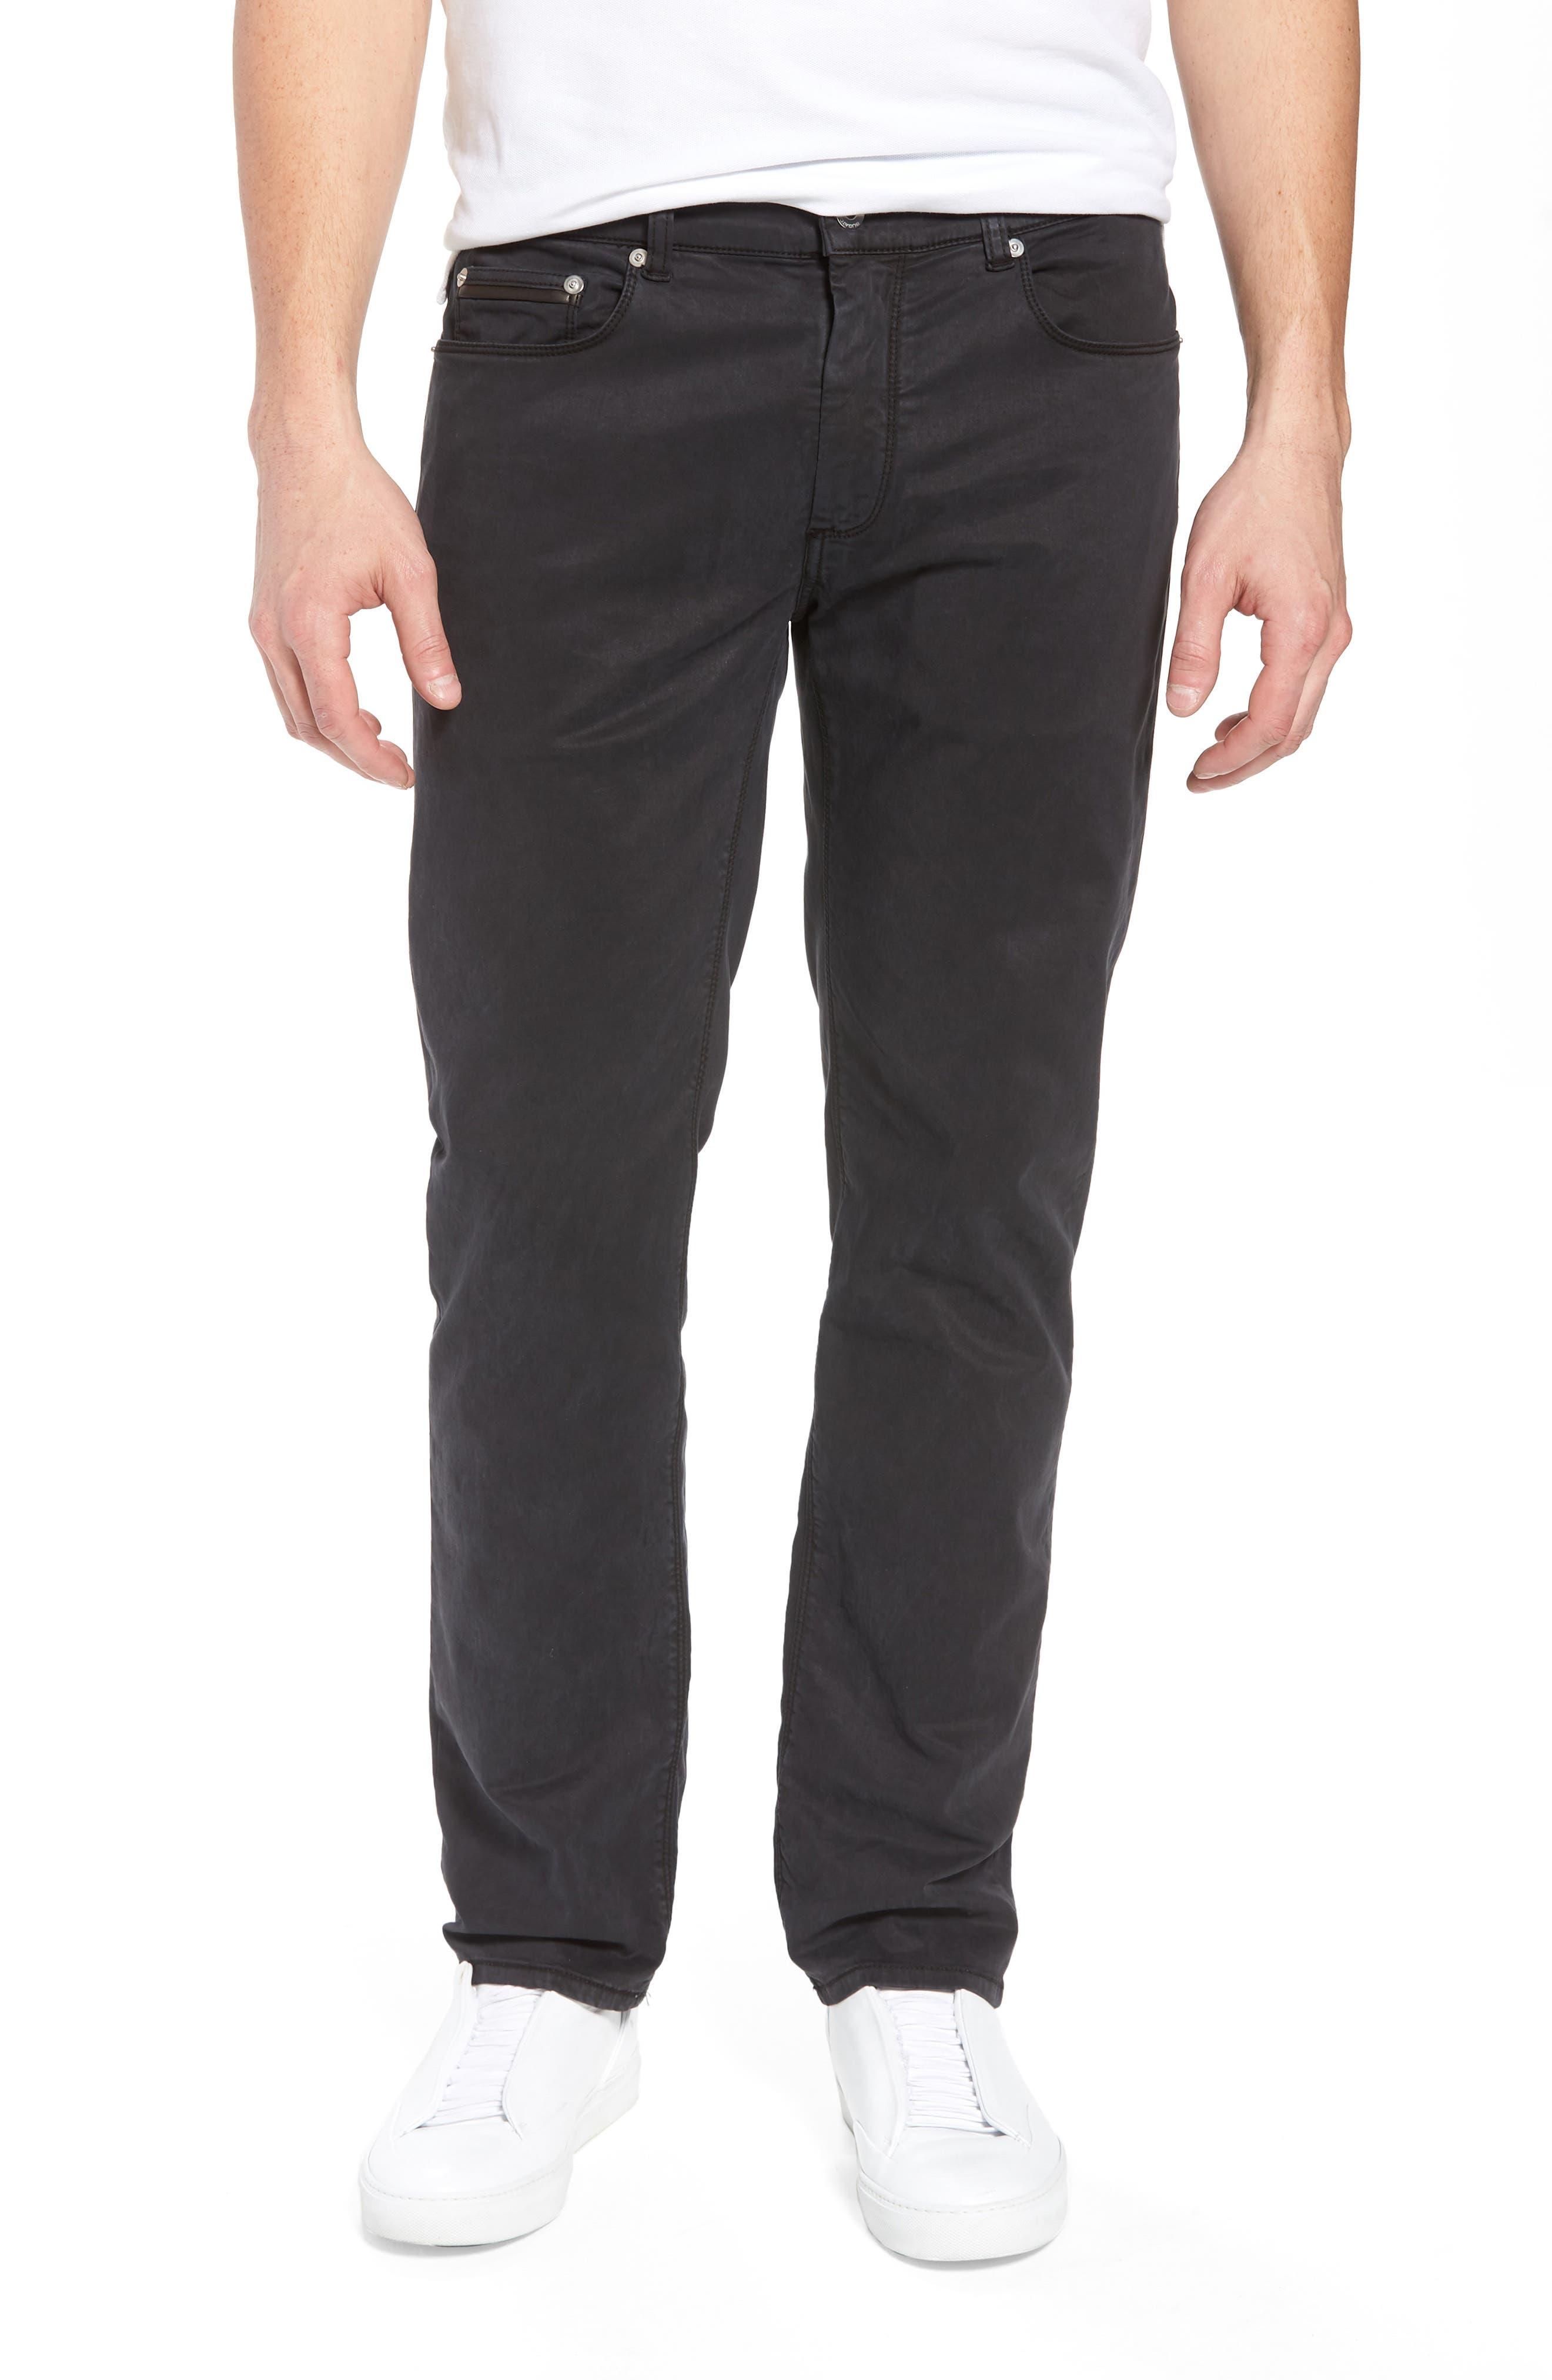 Trim Fit Pants,                         Main,                         color, 001